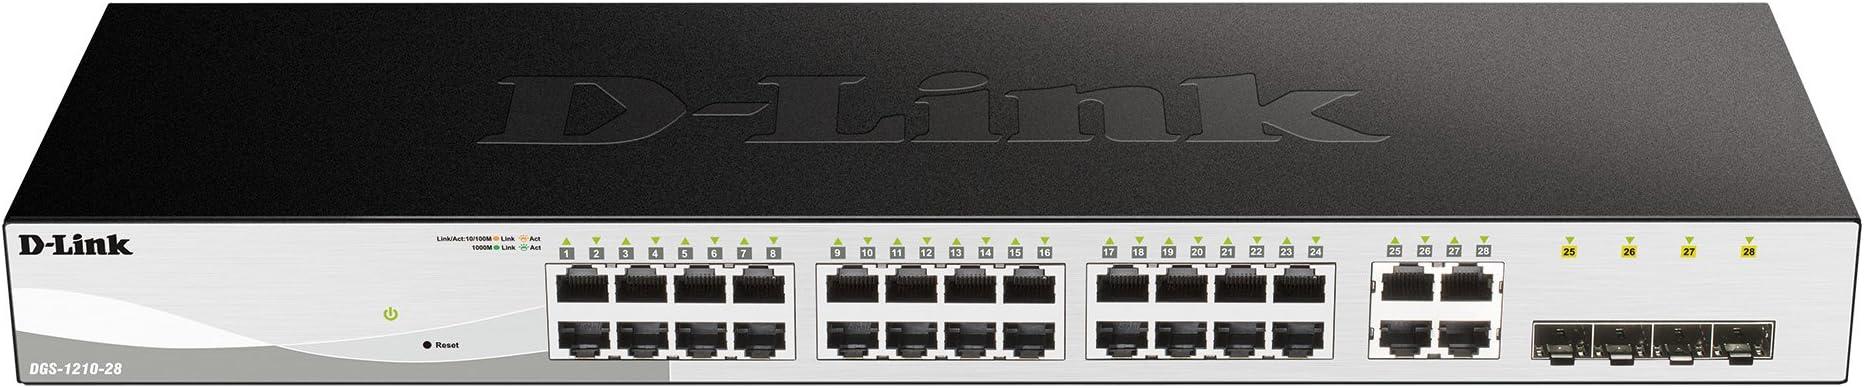 D-Link DGS-1210-28 - Switch 28 Puertos Gigabit y 4 Puertos SFP Combo 100/1000 Mbps, Altura 1U, VLAN automática para Video vigilancia y telefonía IP, Negro: Dlink: Amazon.es: Informática